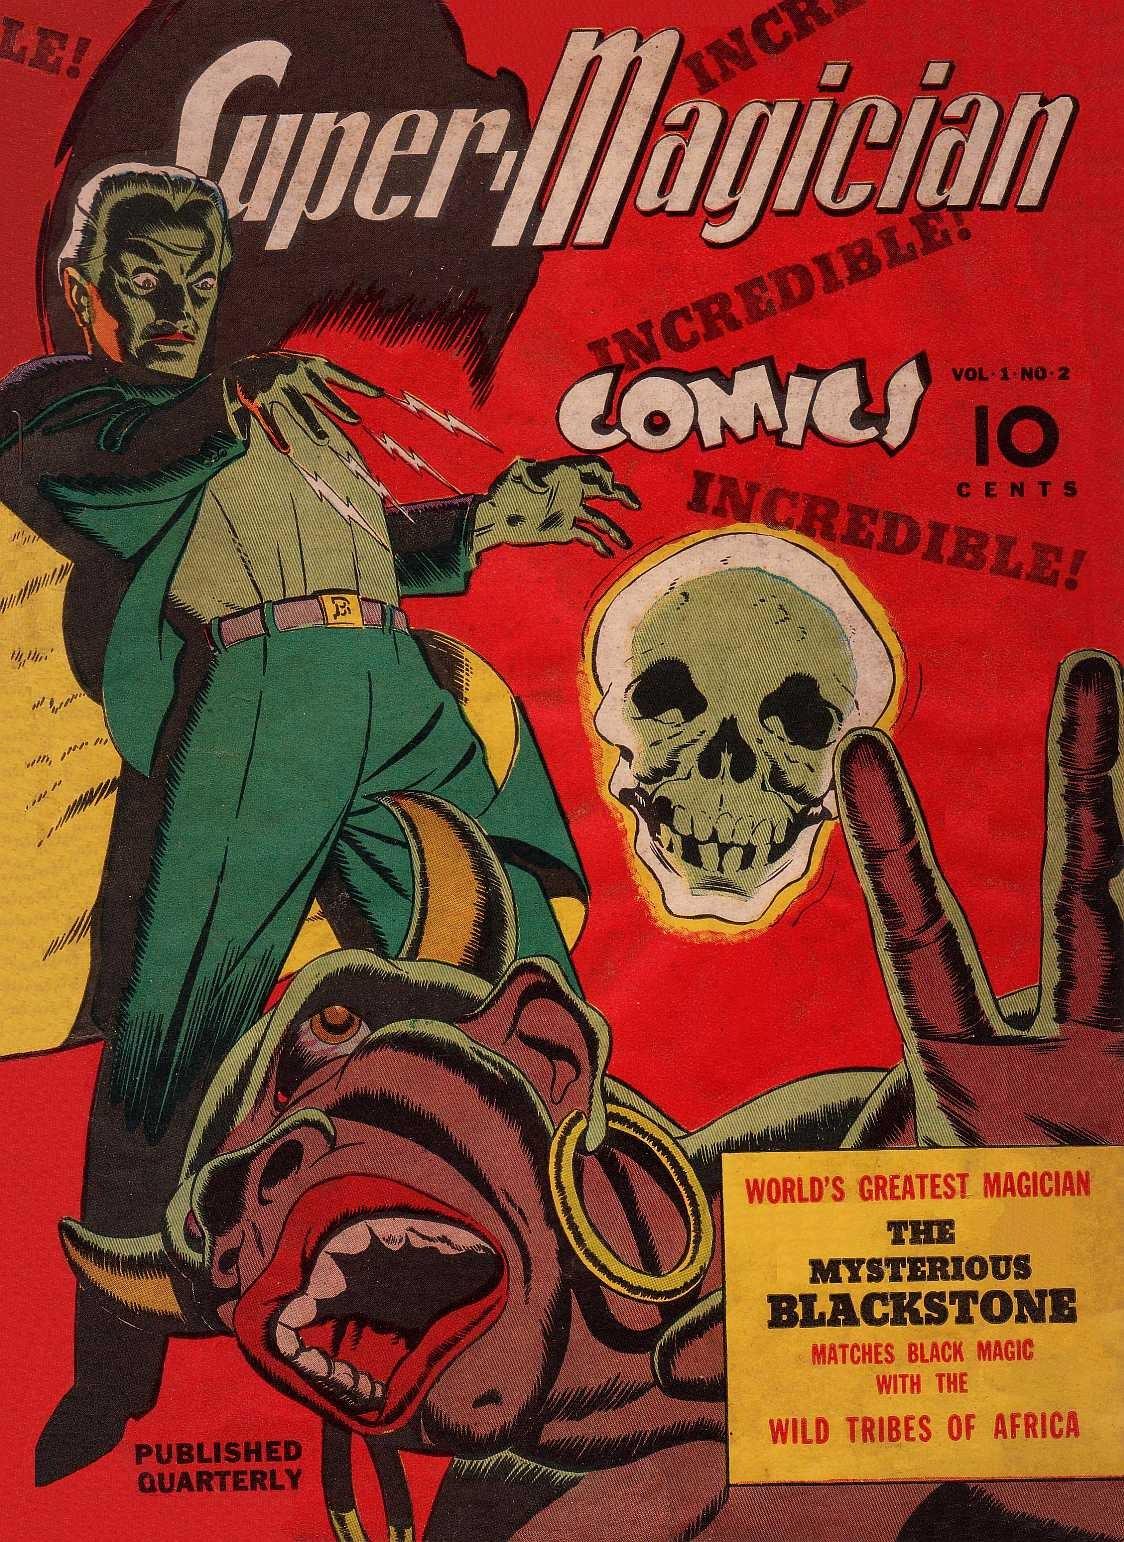 Read online Super-Magician Comics comic -  Issue #2 - 1